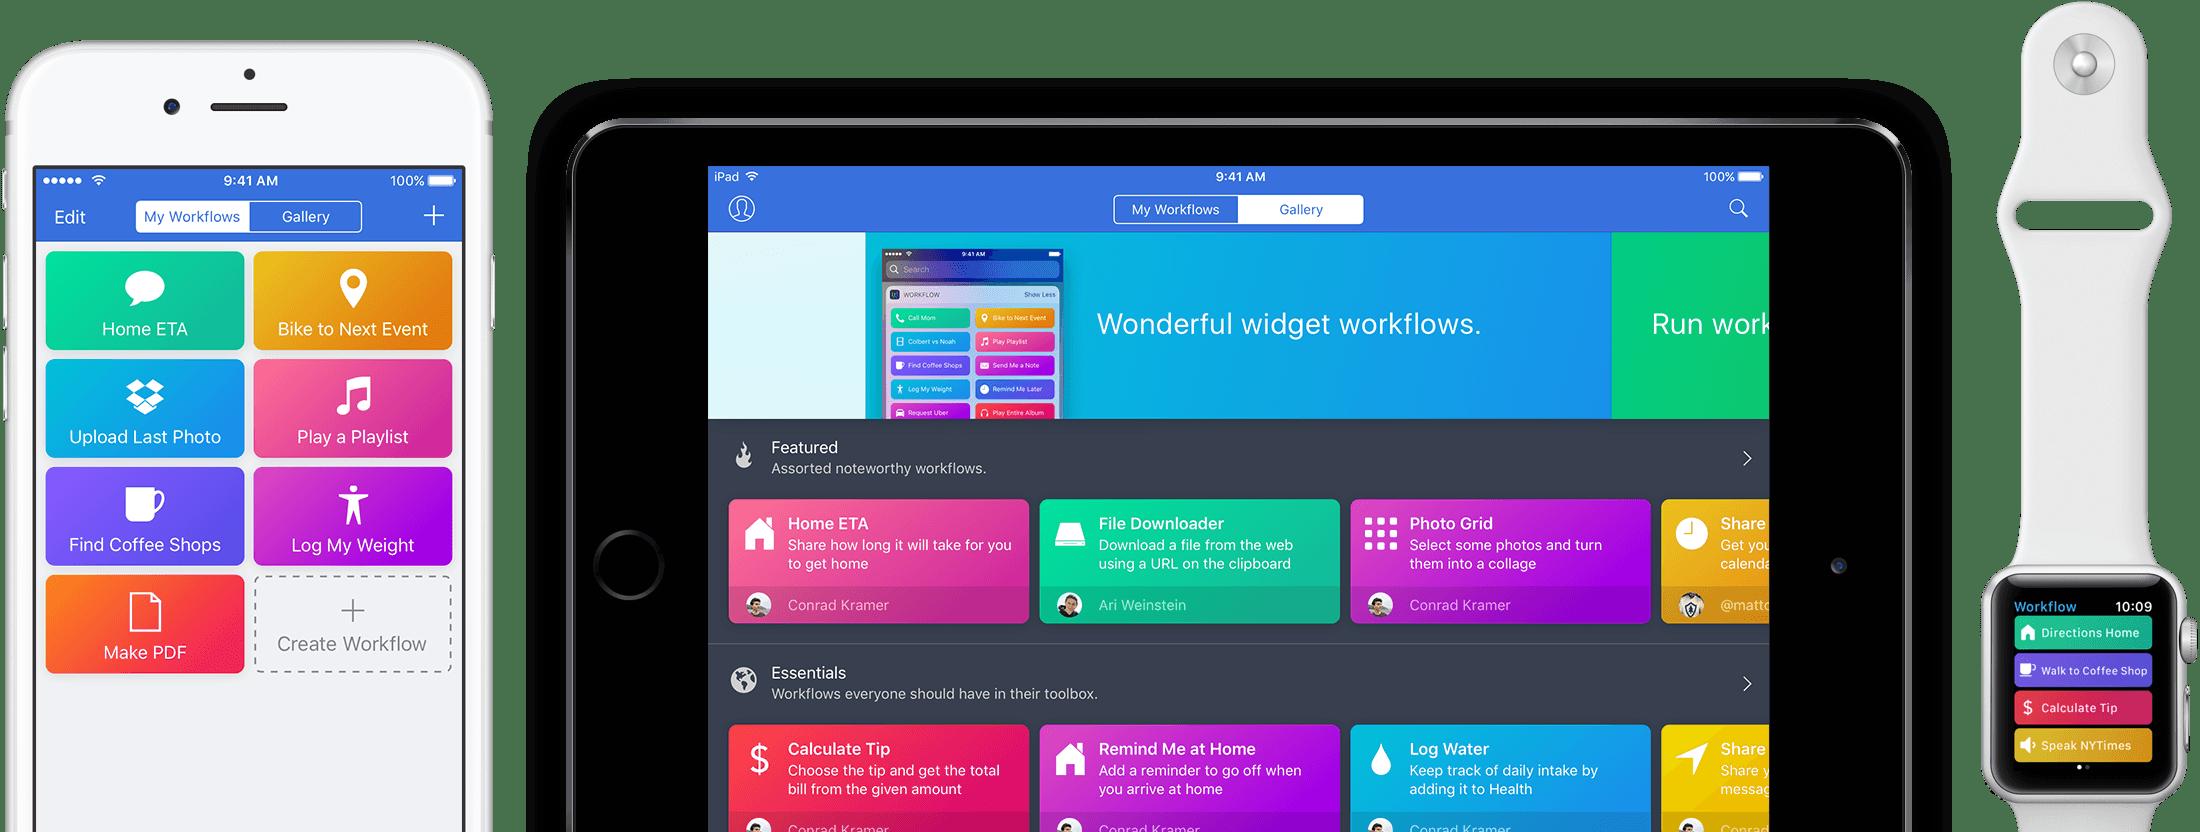 Apple rachète Workflow : ce que c'est, les alternatives sur Android